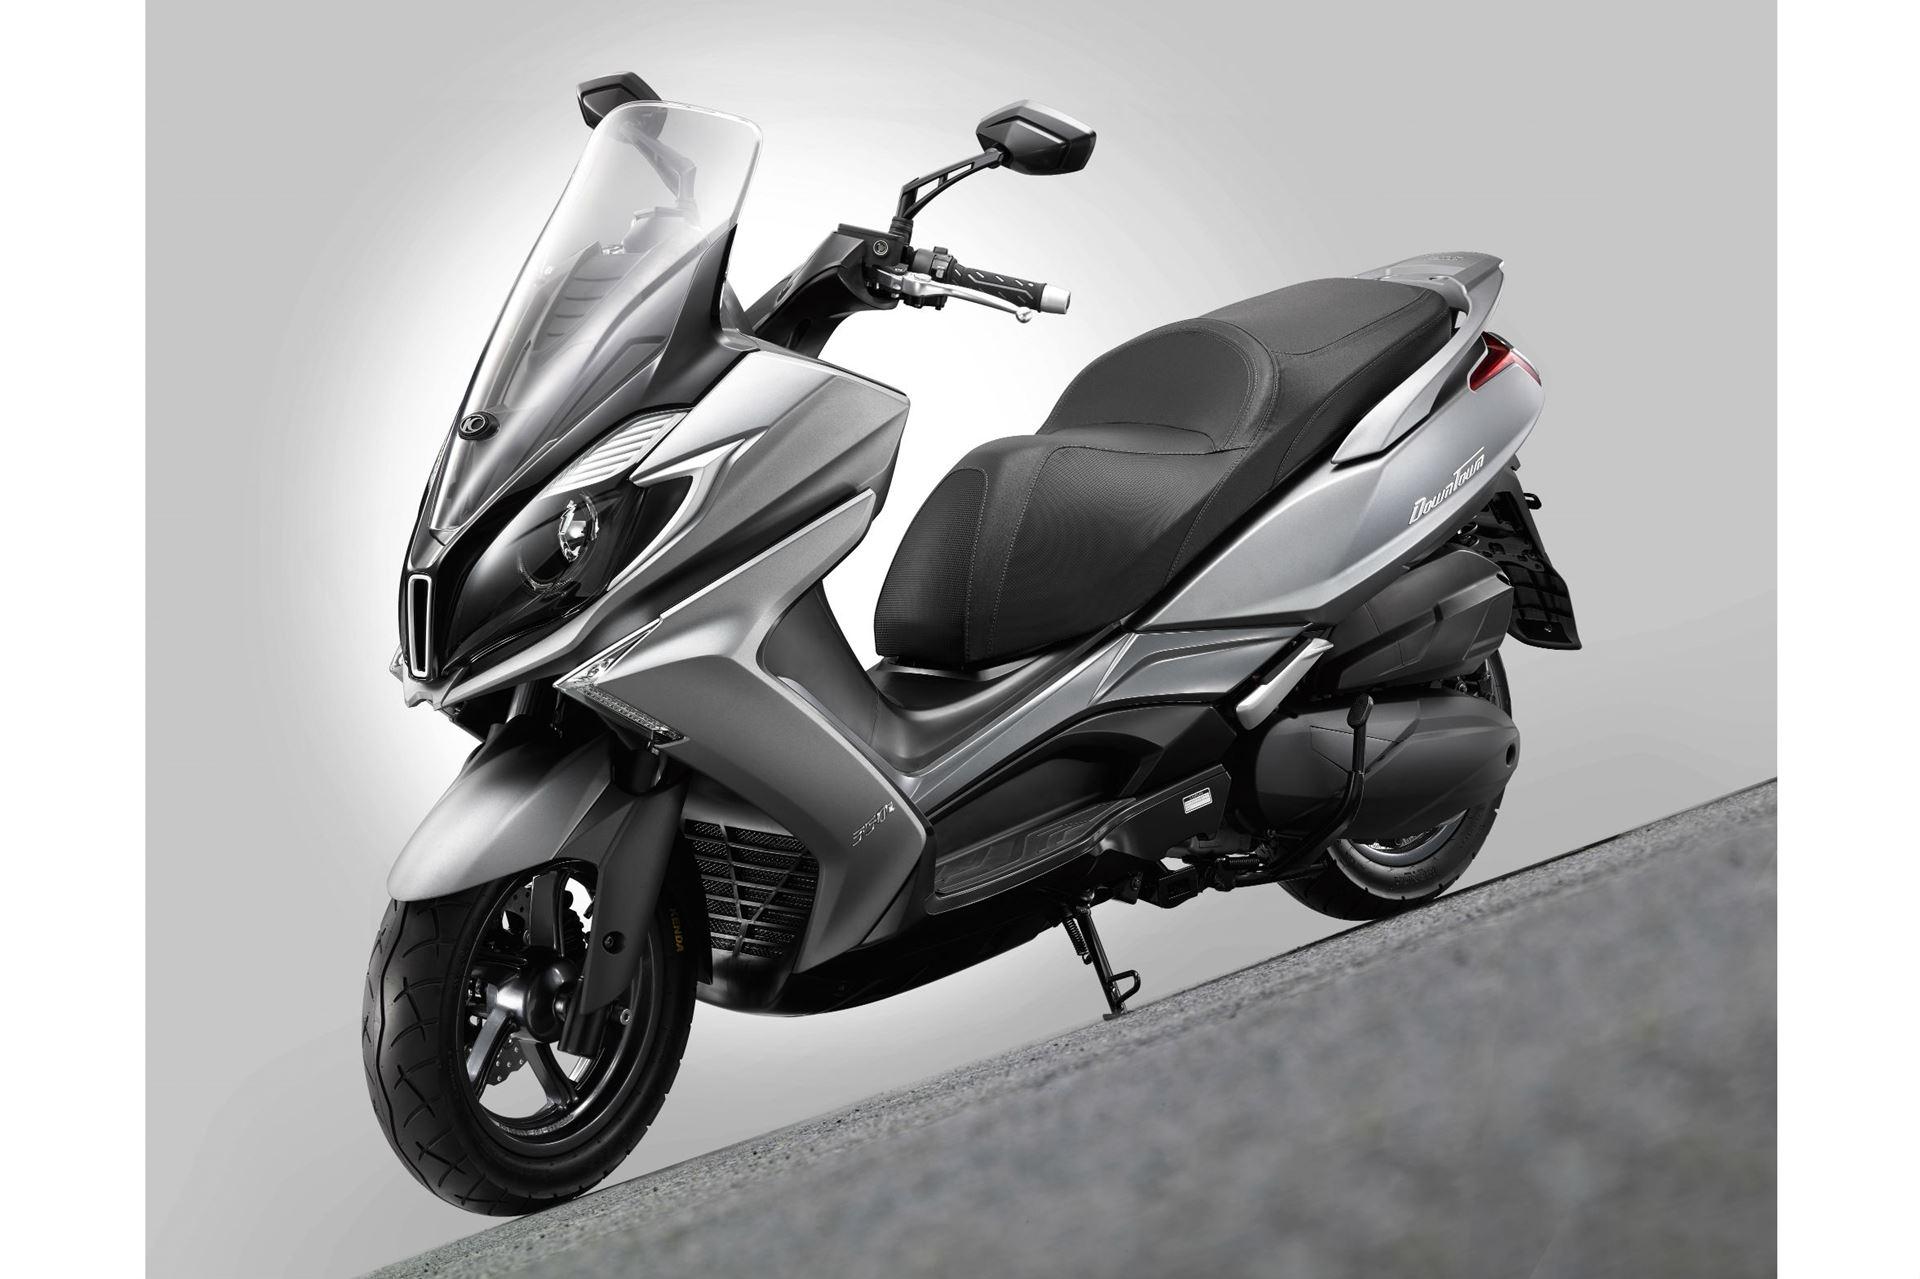 novas kymco downtown 350i e agility maxi 300i motonews andar de moto. Black Bedroom Furniture Sets. Home Design Ideas